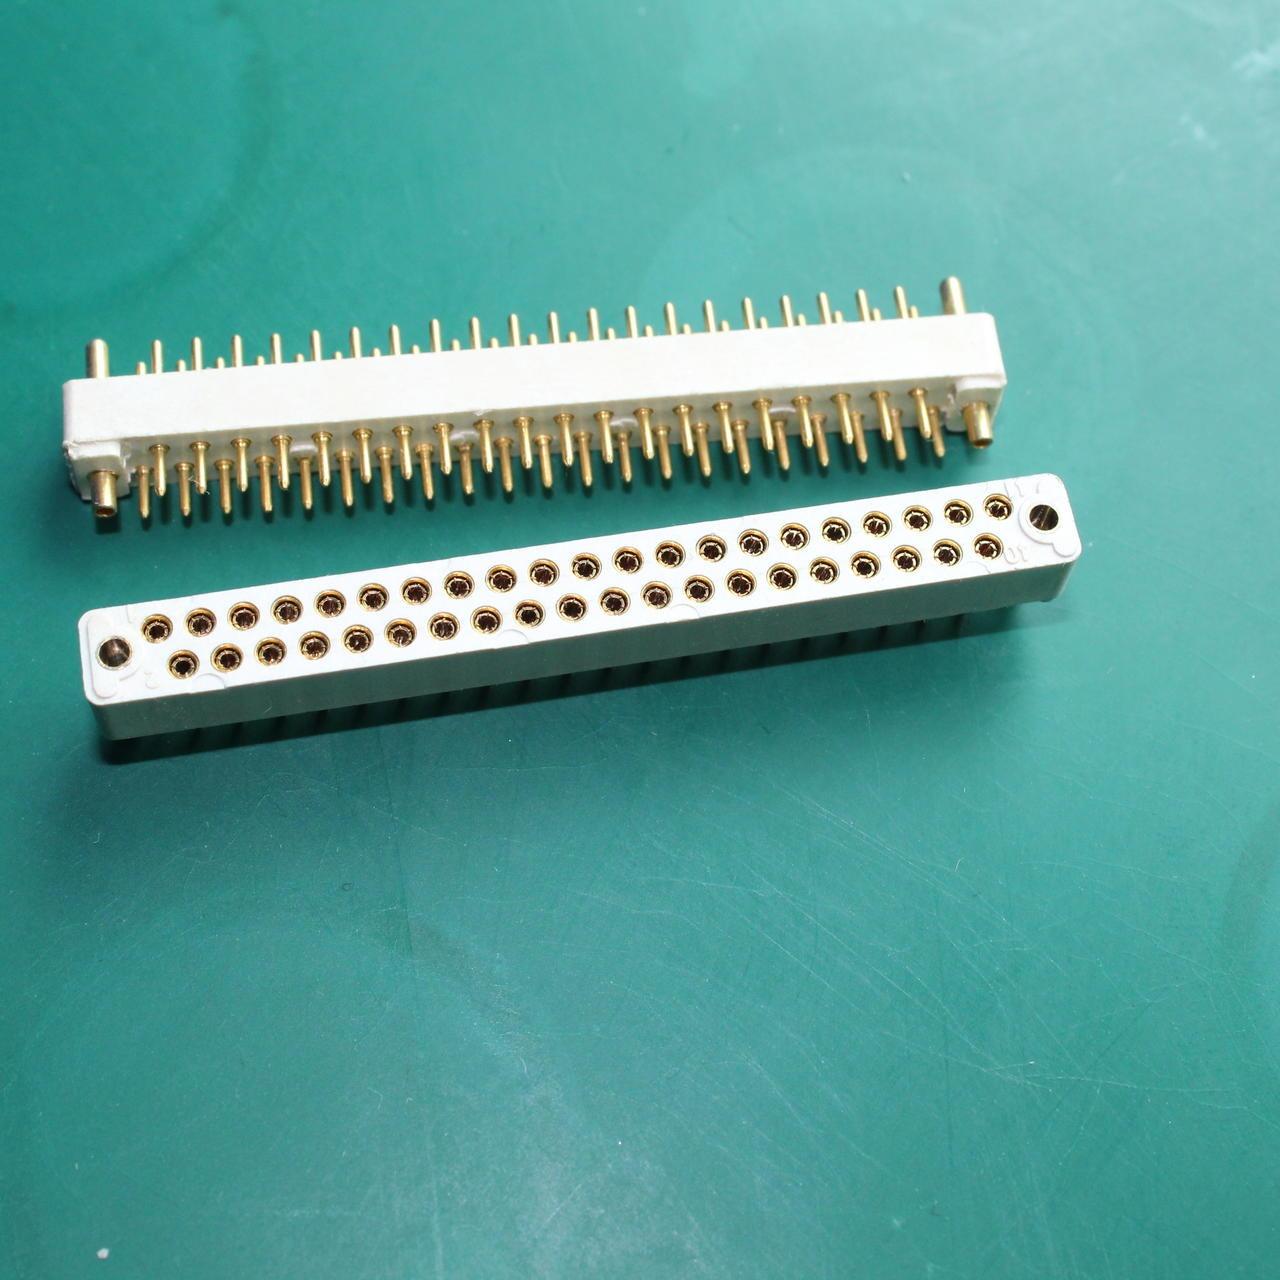 大電流板對板連接器 220-41芯連接器 生產批發廠家 東普電子